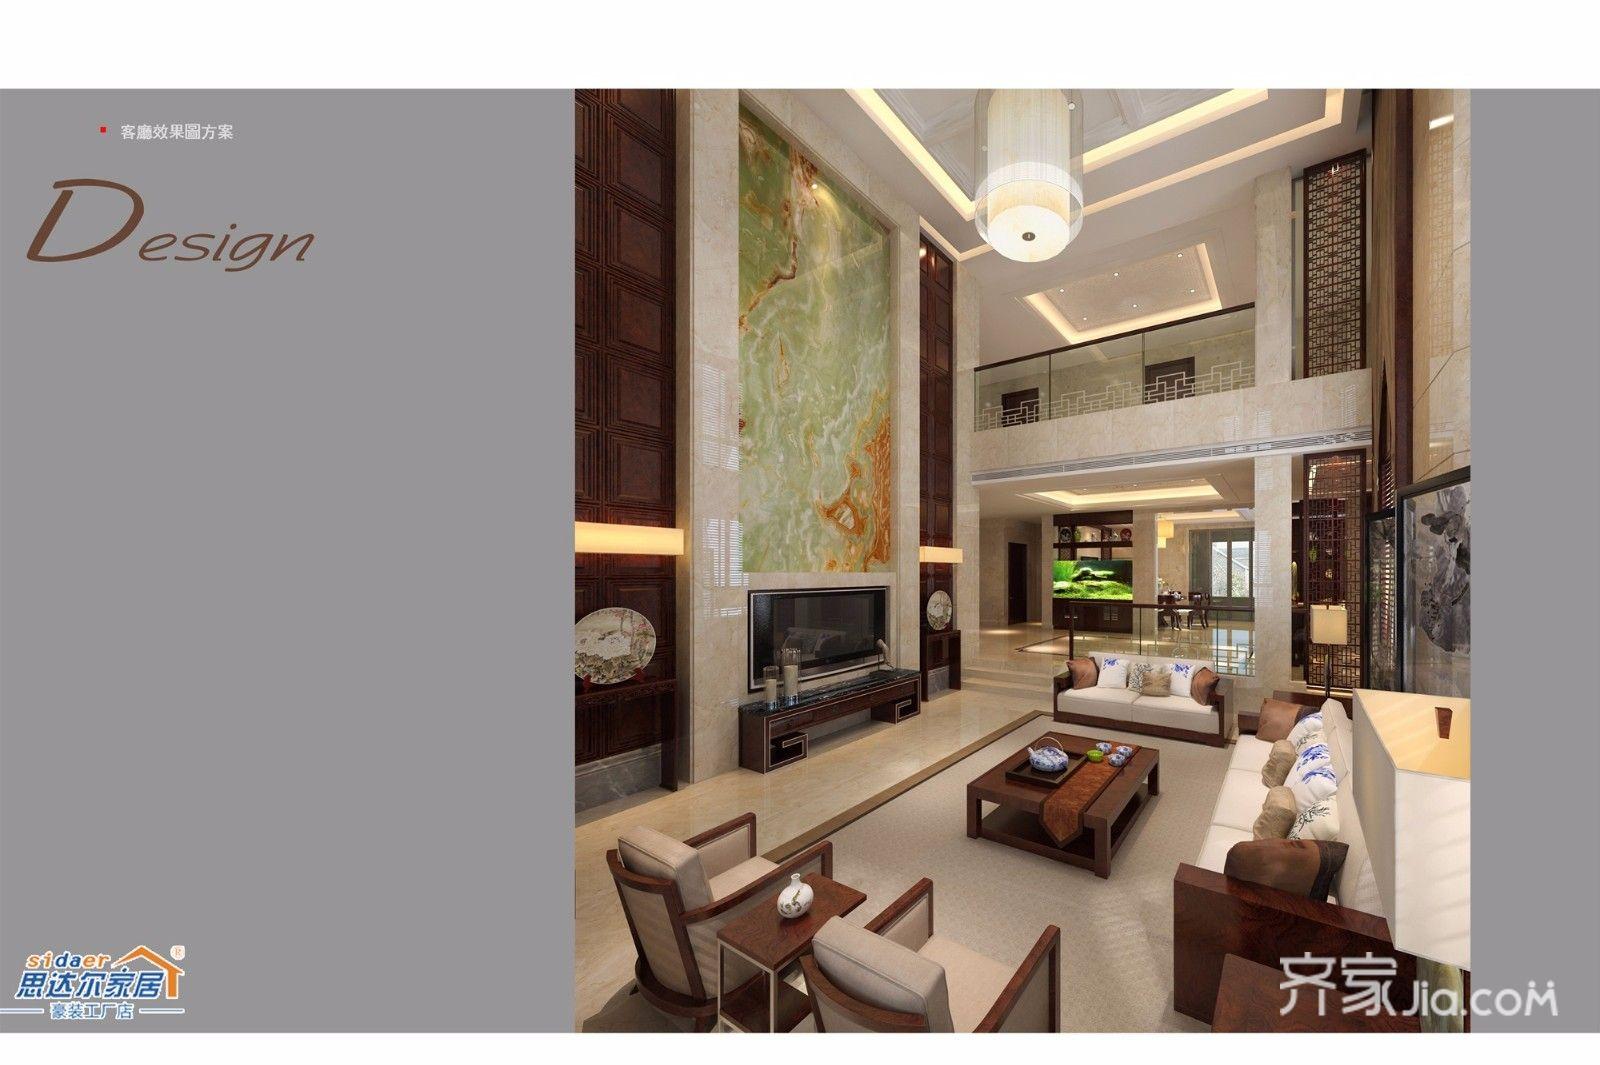 中式别墅设计客厅 效果图